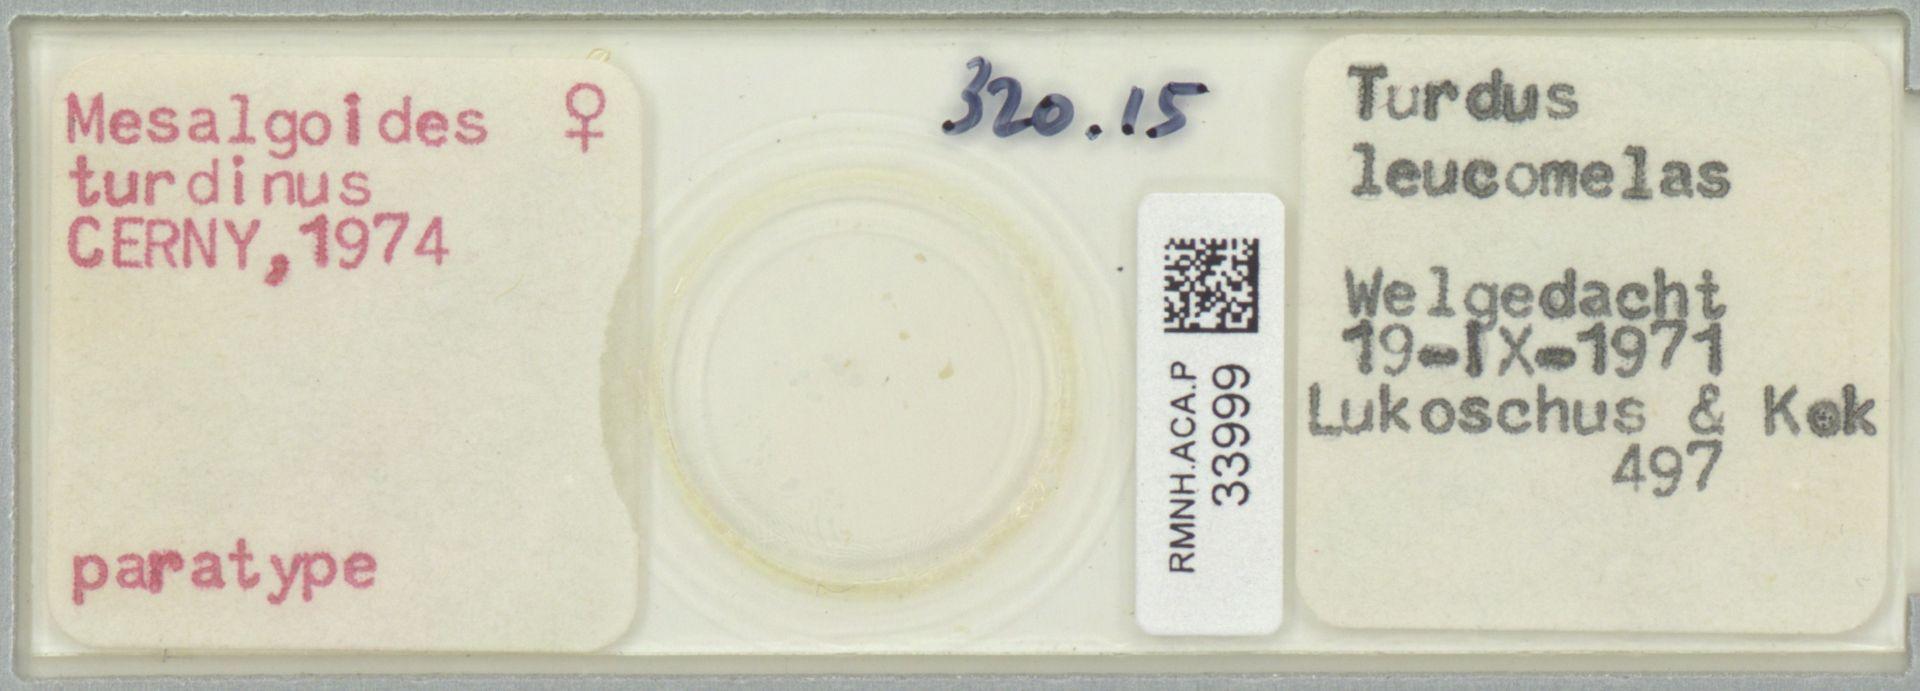 RMNH.ACA.P.33999 | Mesalgoides turdinus Cerny, 1974